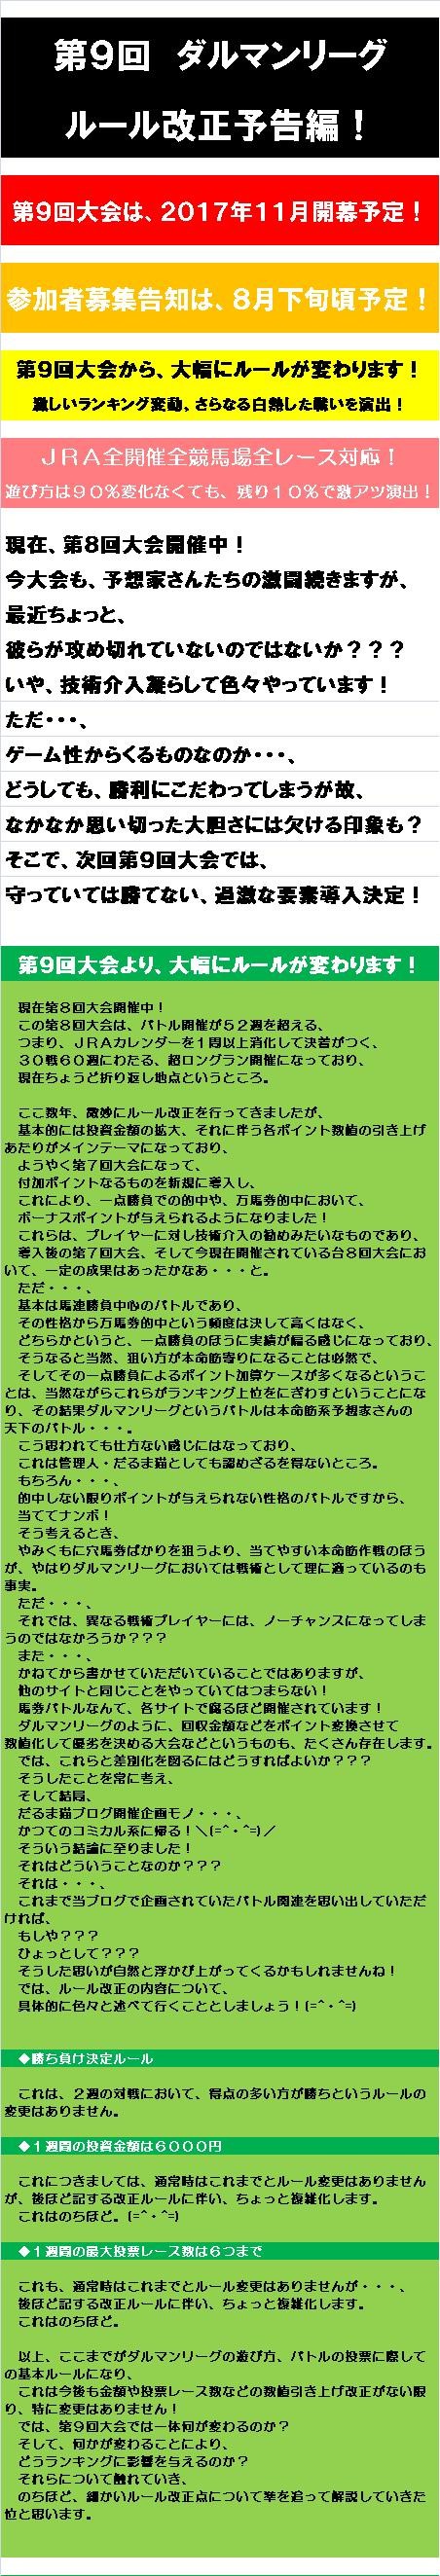 20170328・第9回大会ルール改正①.jpg